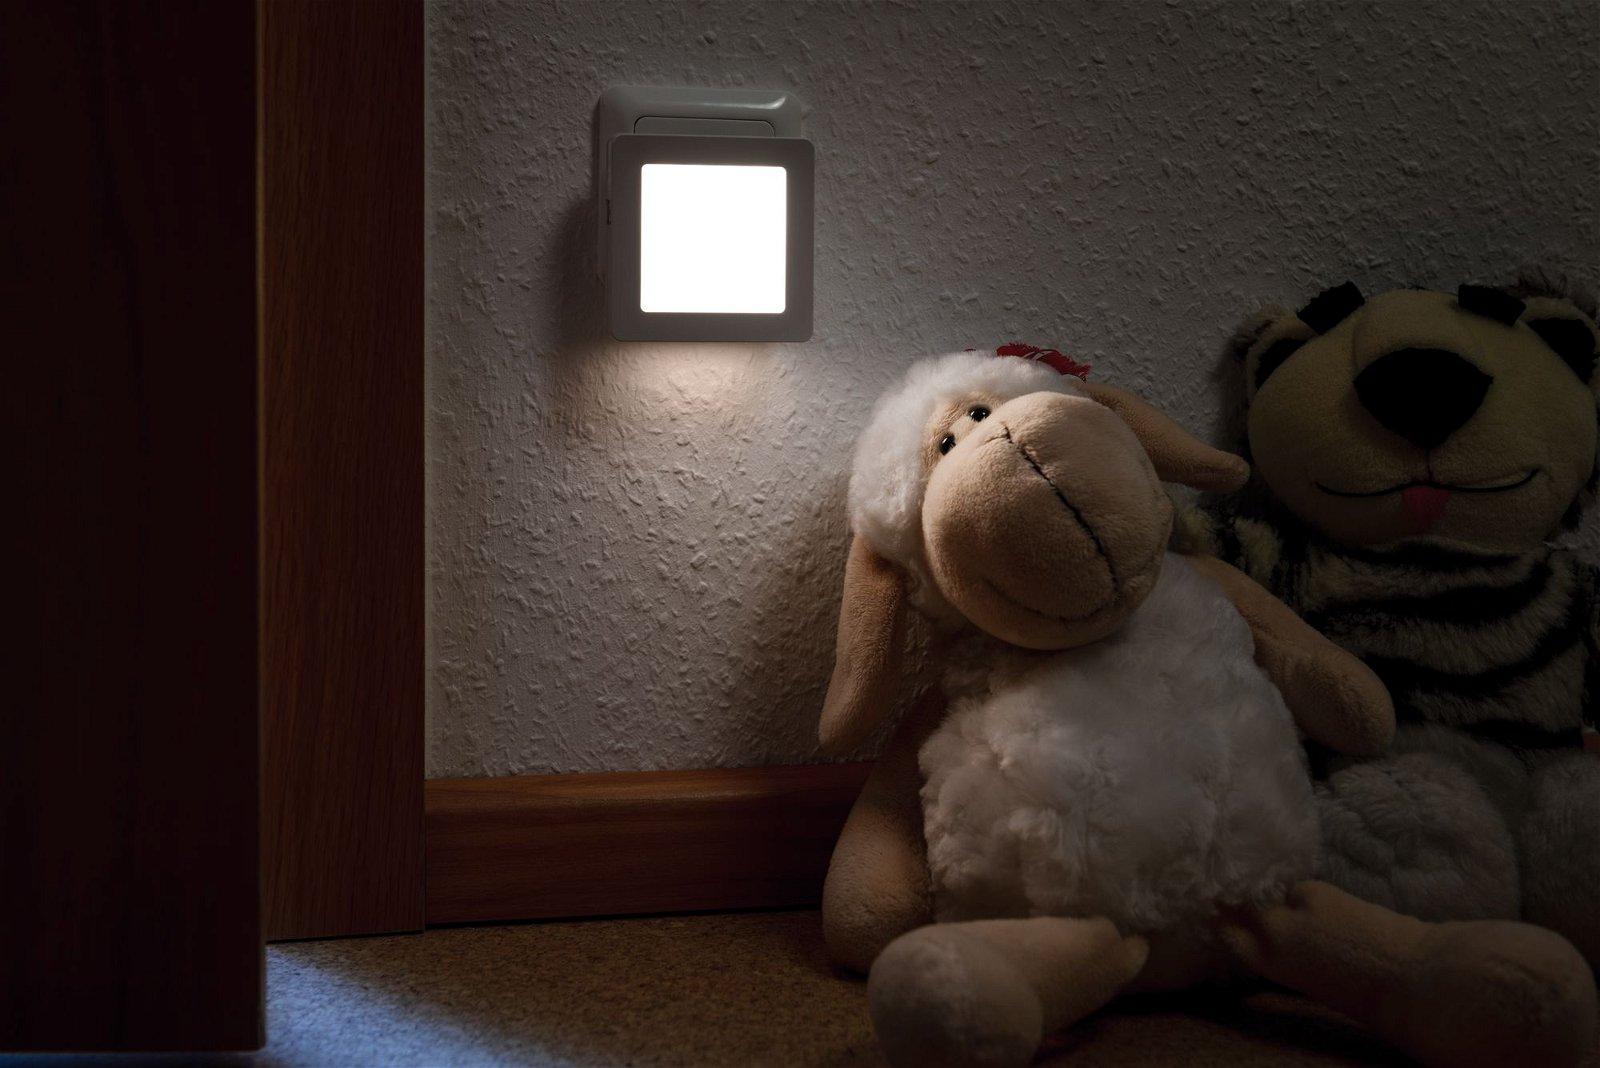 Nachtlicht Esby mit Dämmerungssensor eckig 3000K 3lm